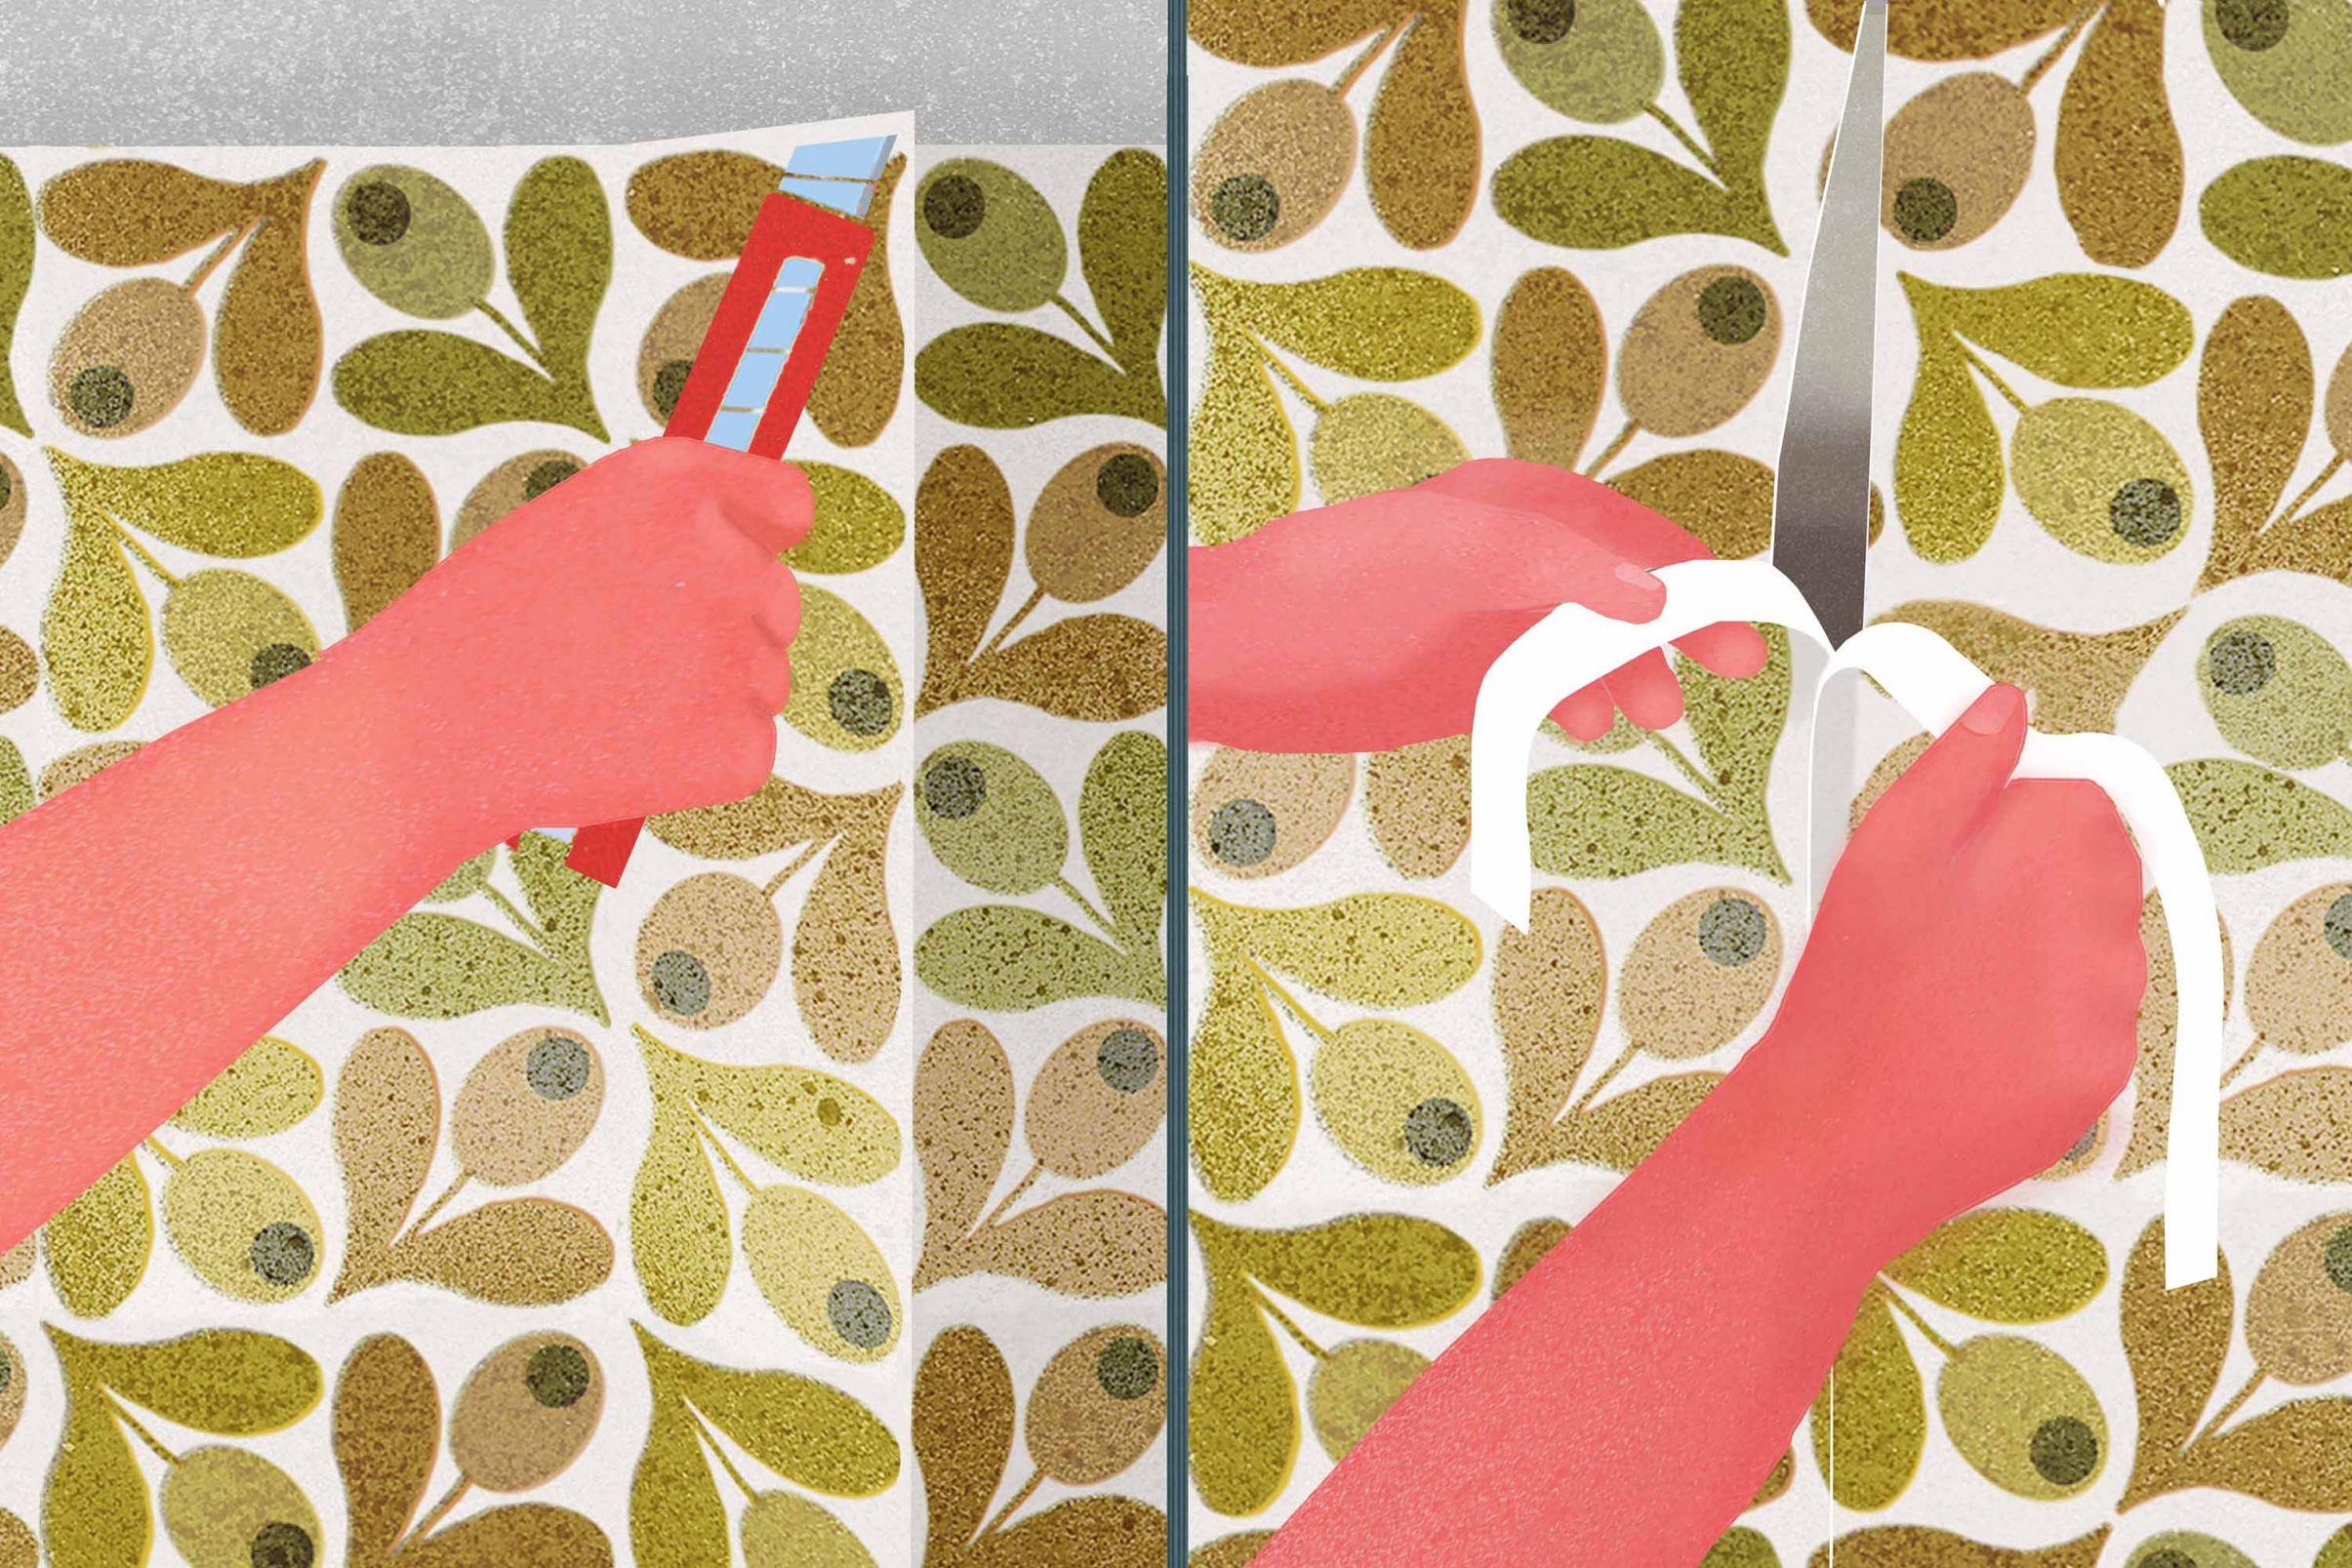 Como-colocar-papel-de-parede-em-cantos-Como-conseguir-o-corte-de-costura-dupla